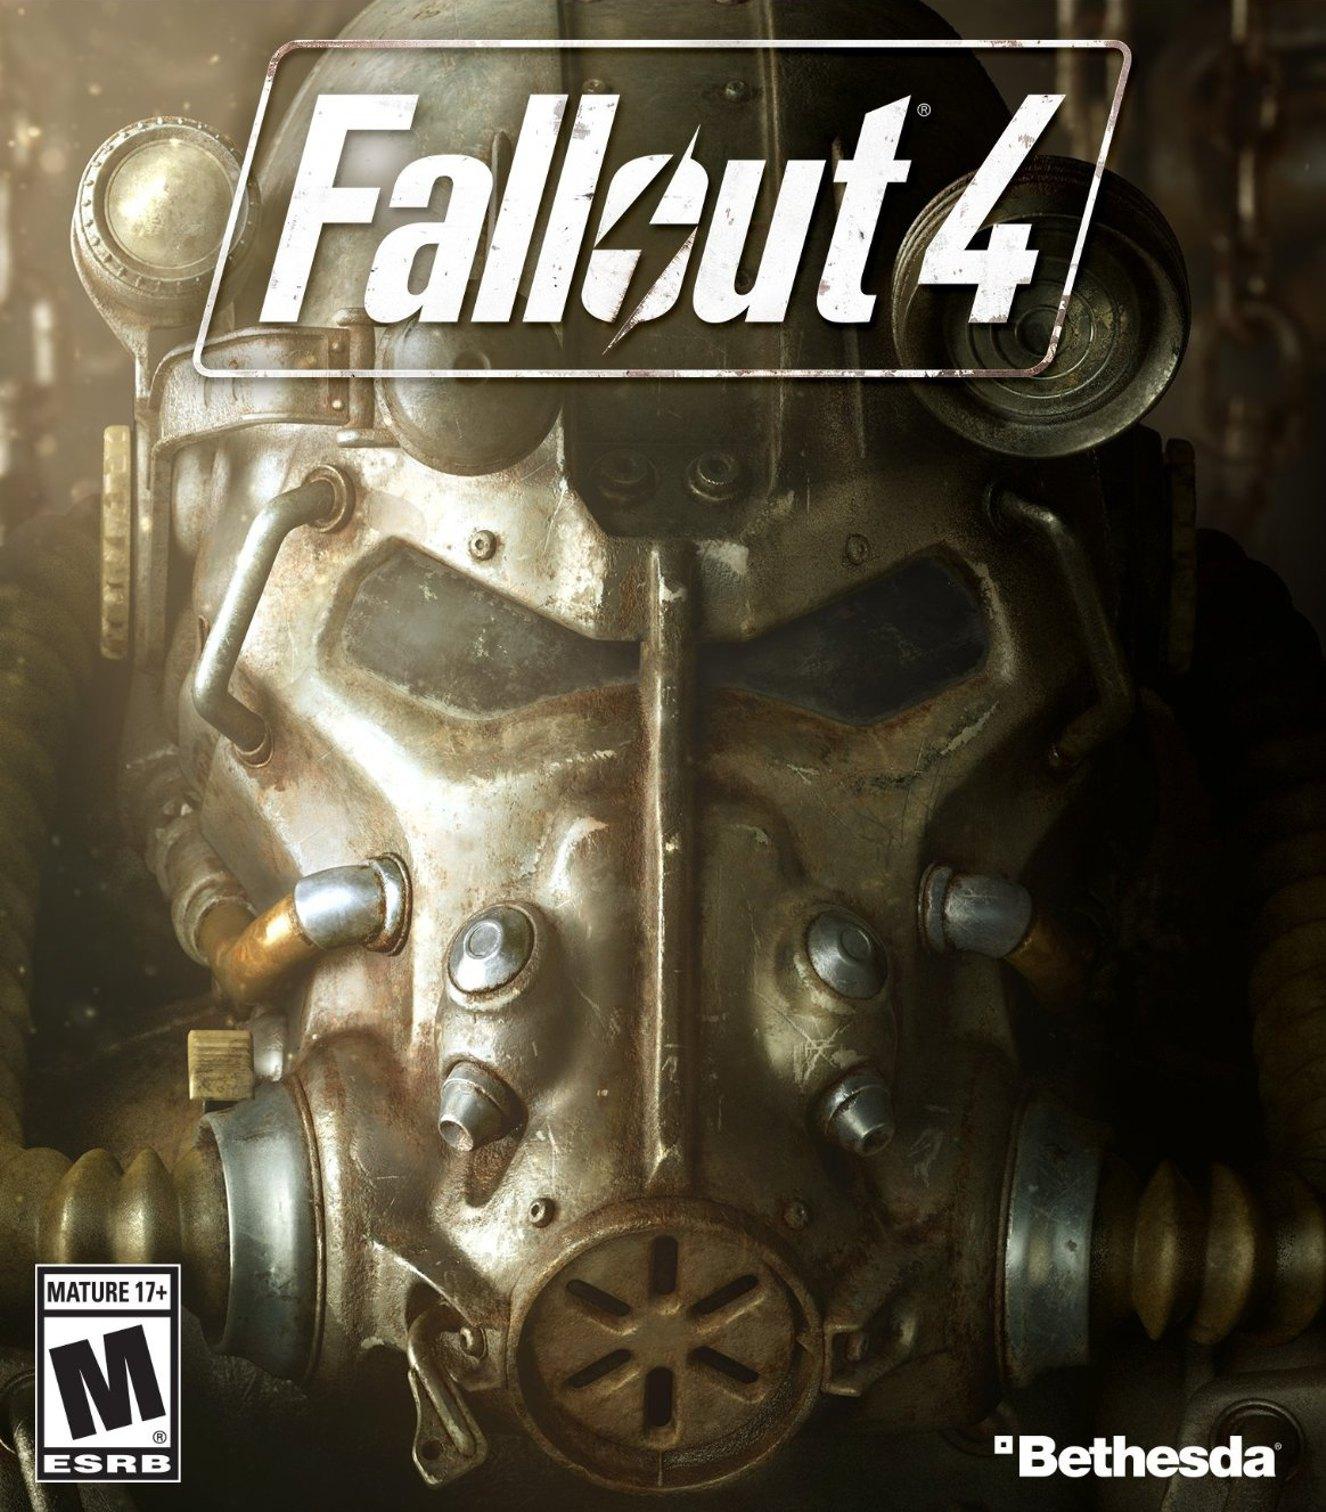 Fallout 4 - Bethesda | Rental BD PS4 Motor HT - Sewa menyewa jadi lebih mudah di Spotsewa